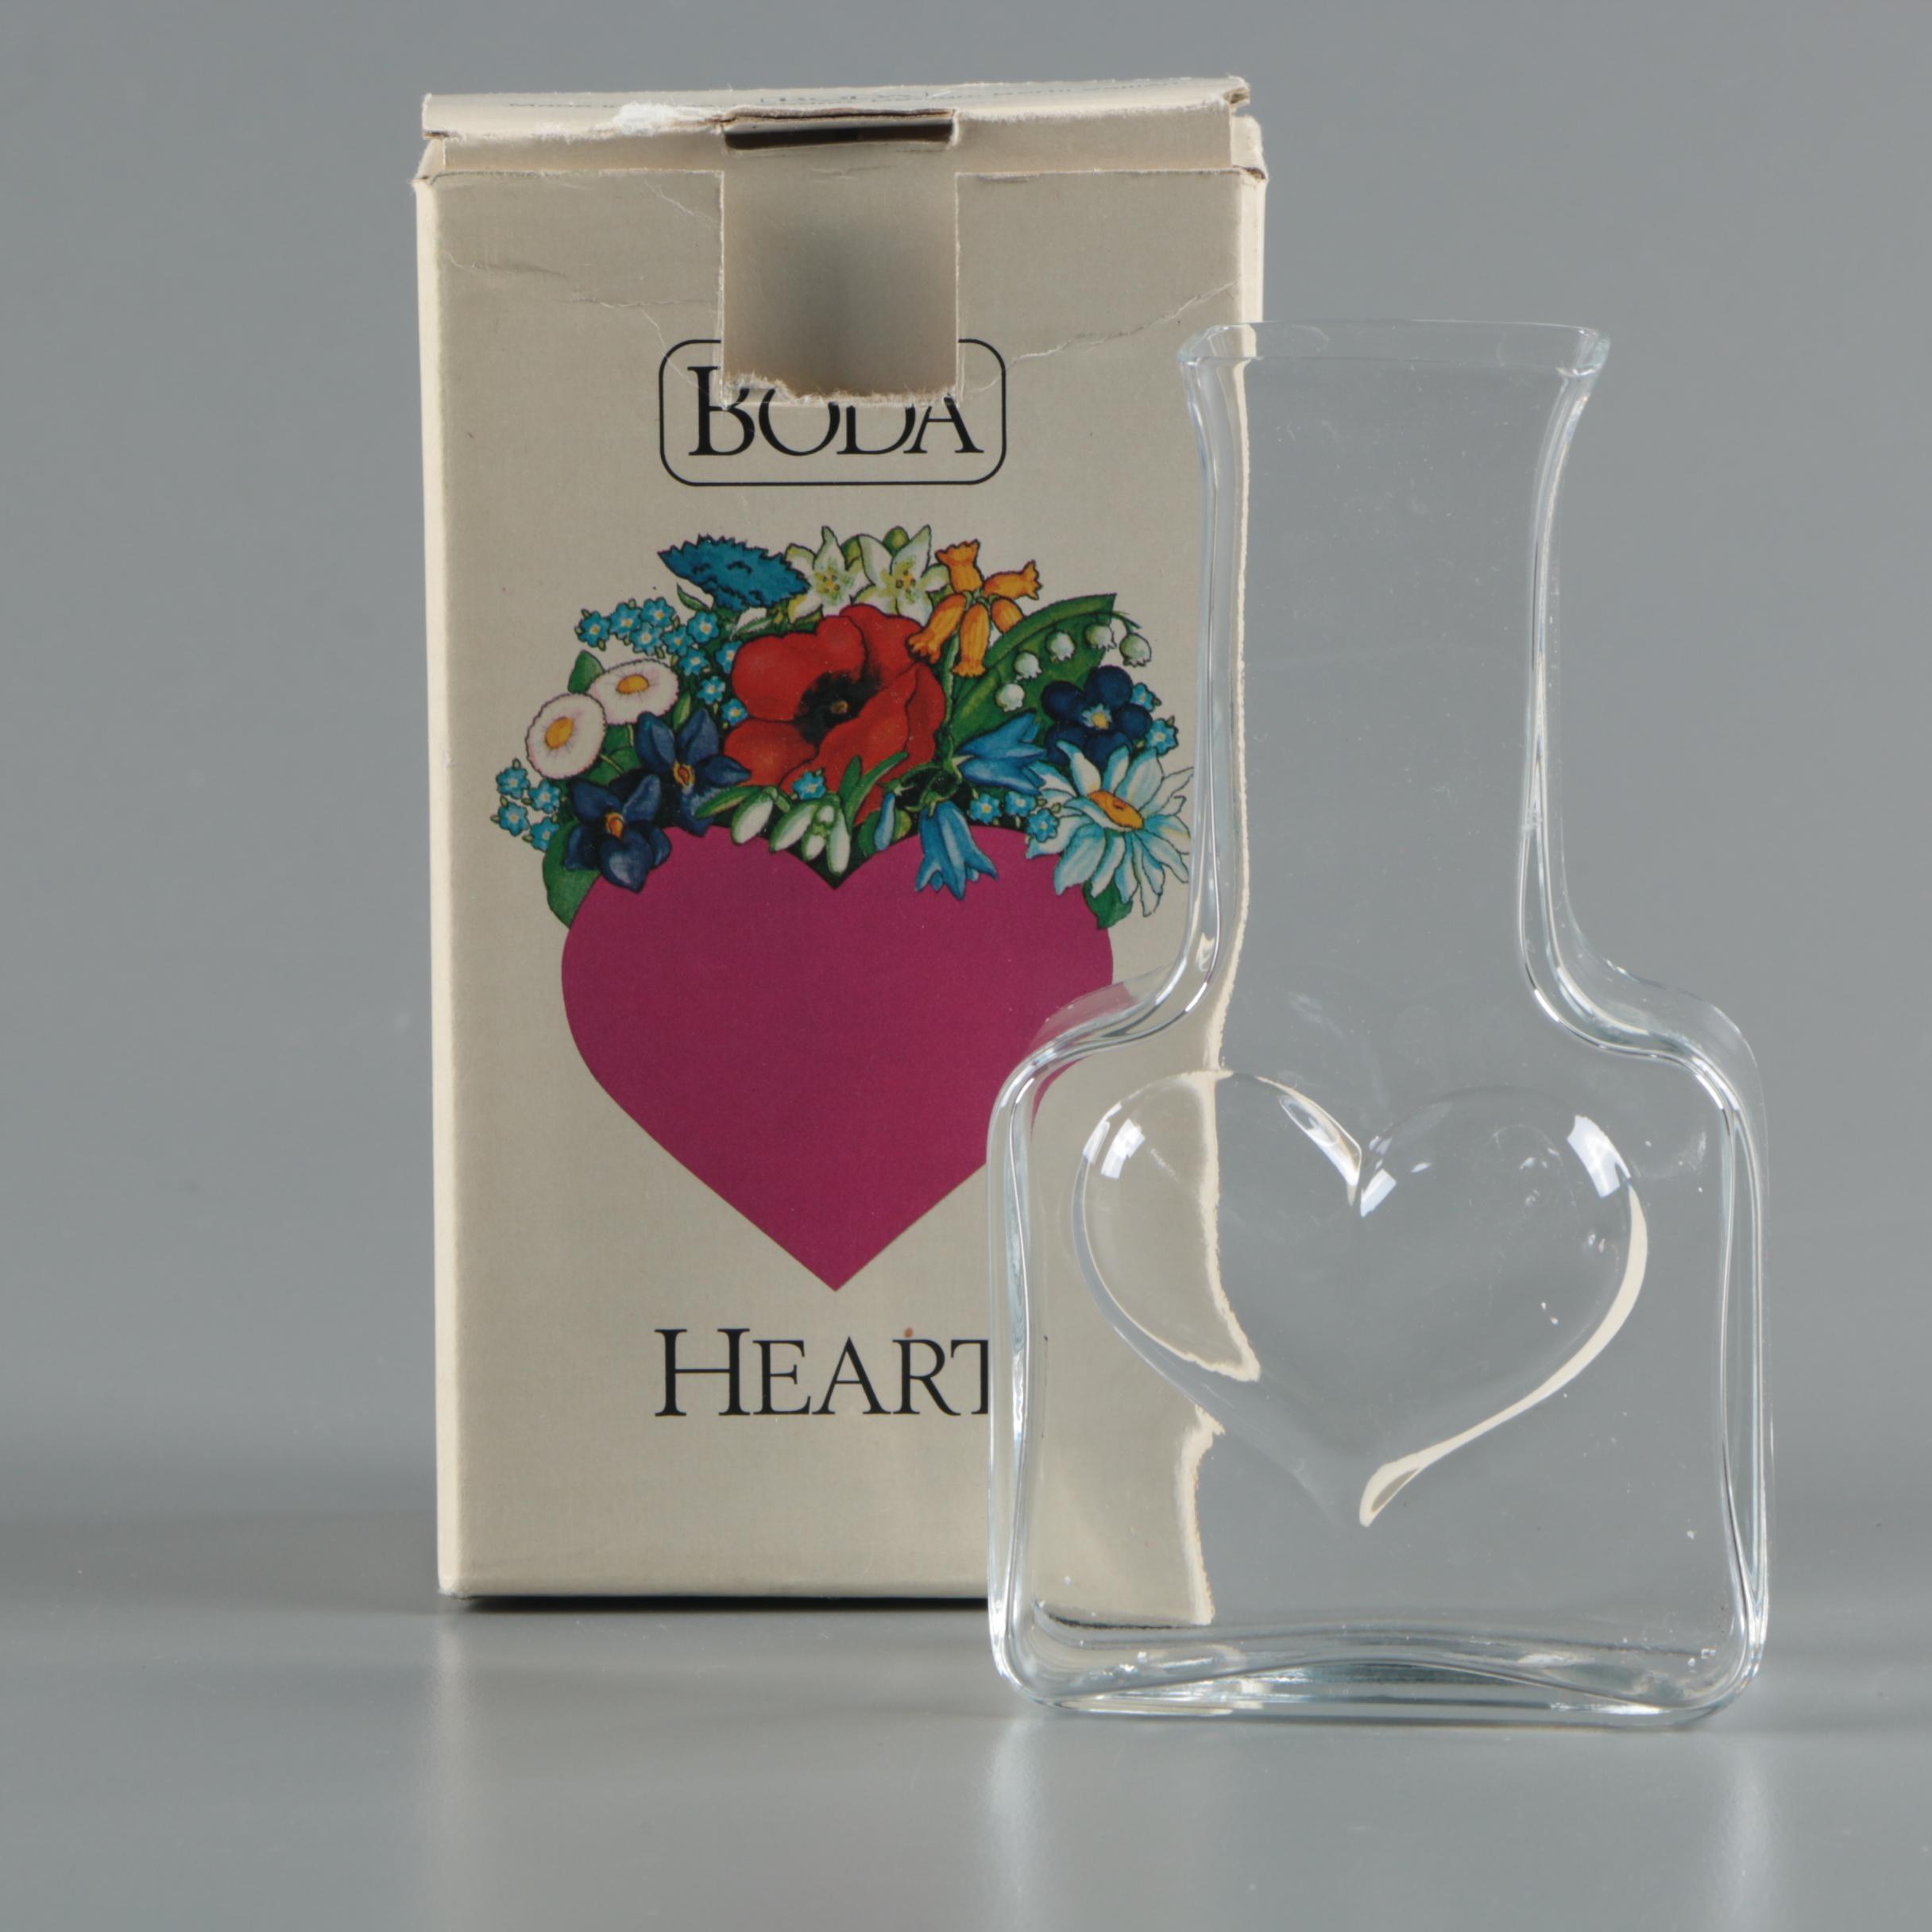 """Vintage Boda """"Heart"""" Art Glass Vase by Bertil Vallien ca. 1960-70's"""